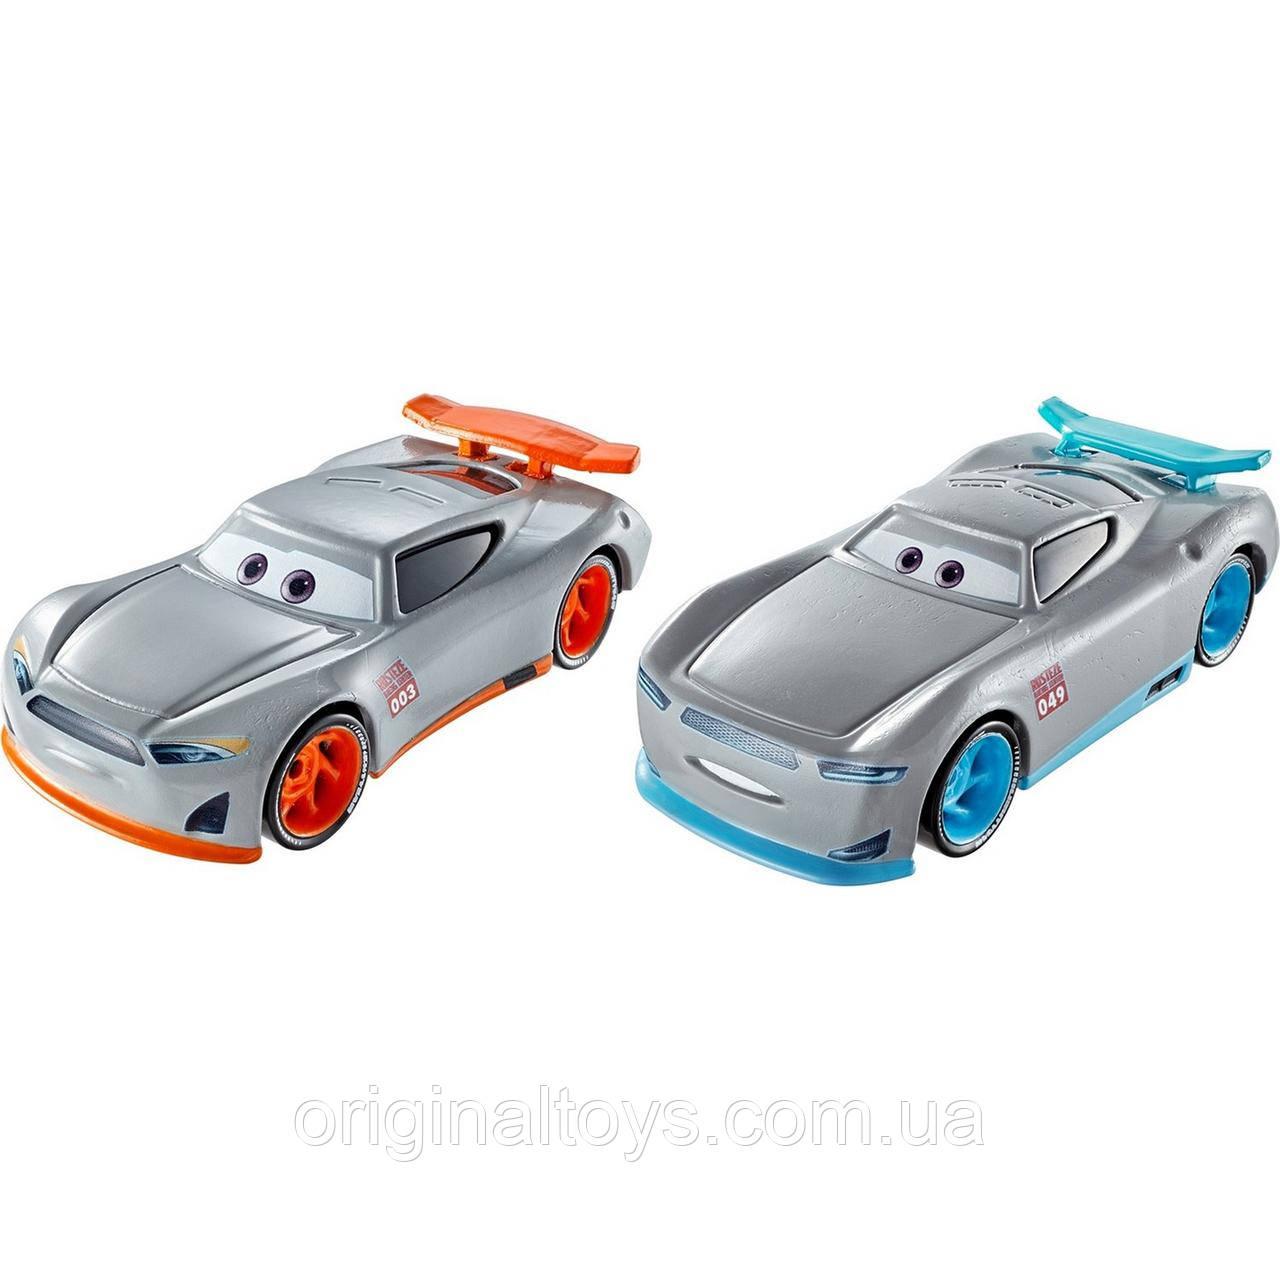 Машинки Габриэль и Айден Тачки Gabriel And Aiden Disney Cars Mattel